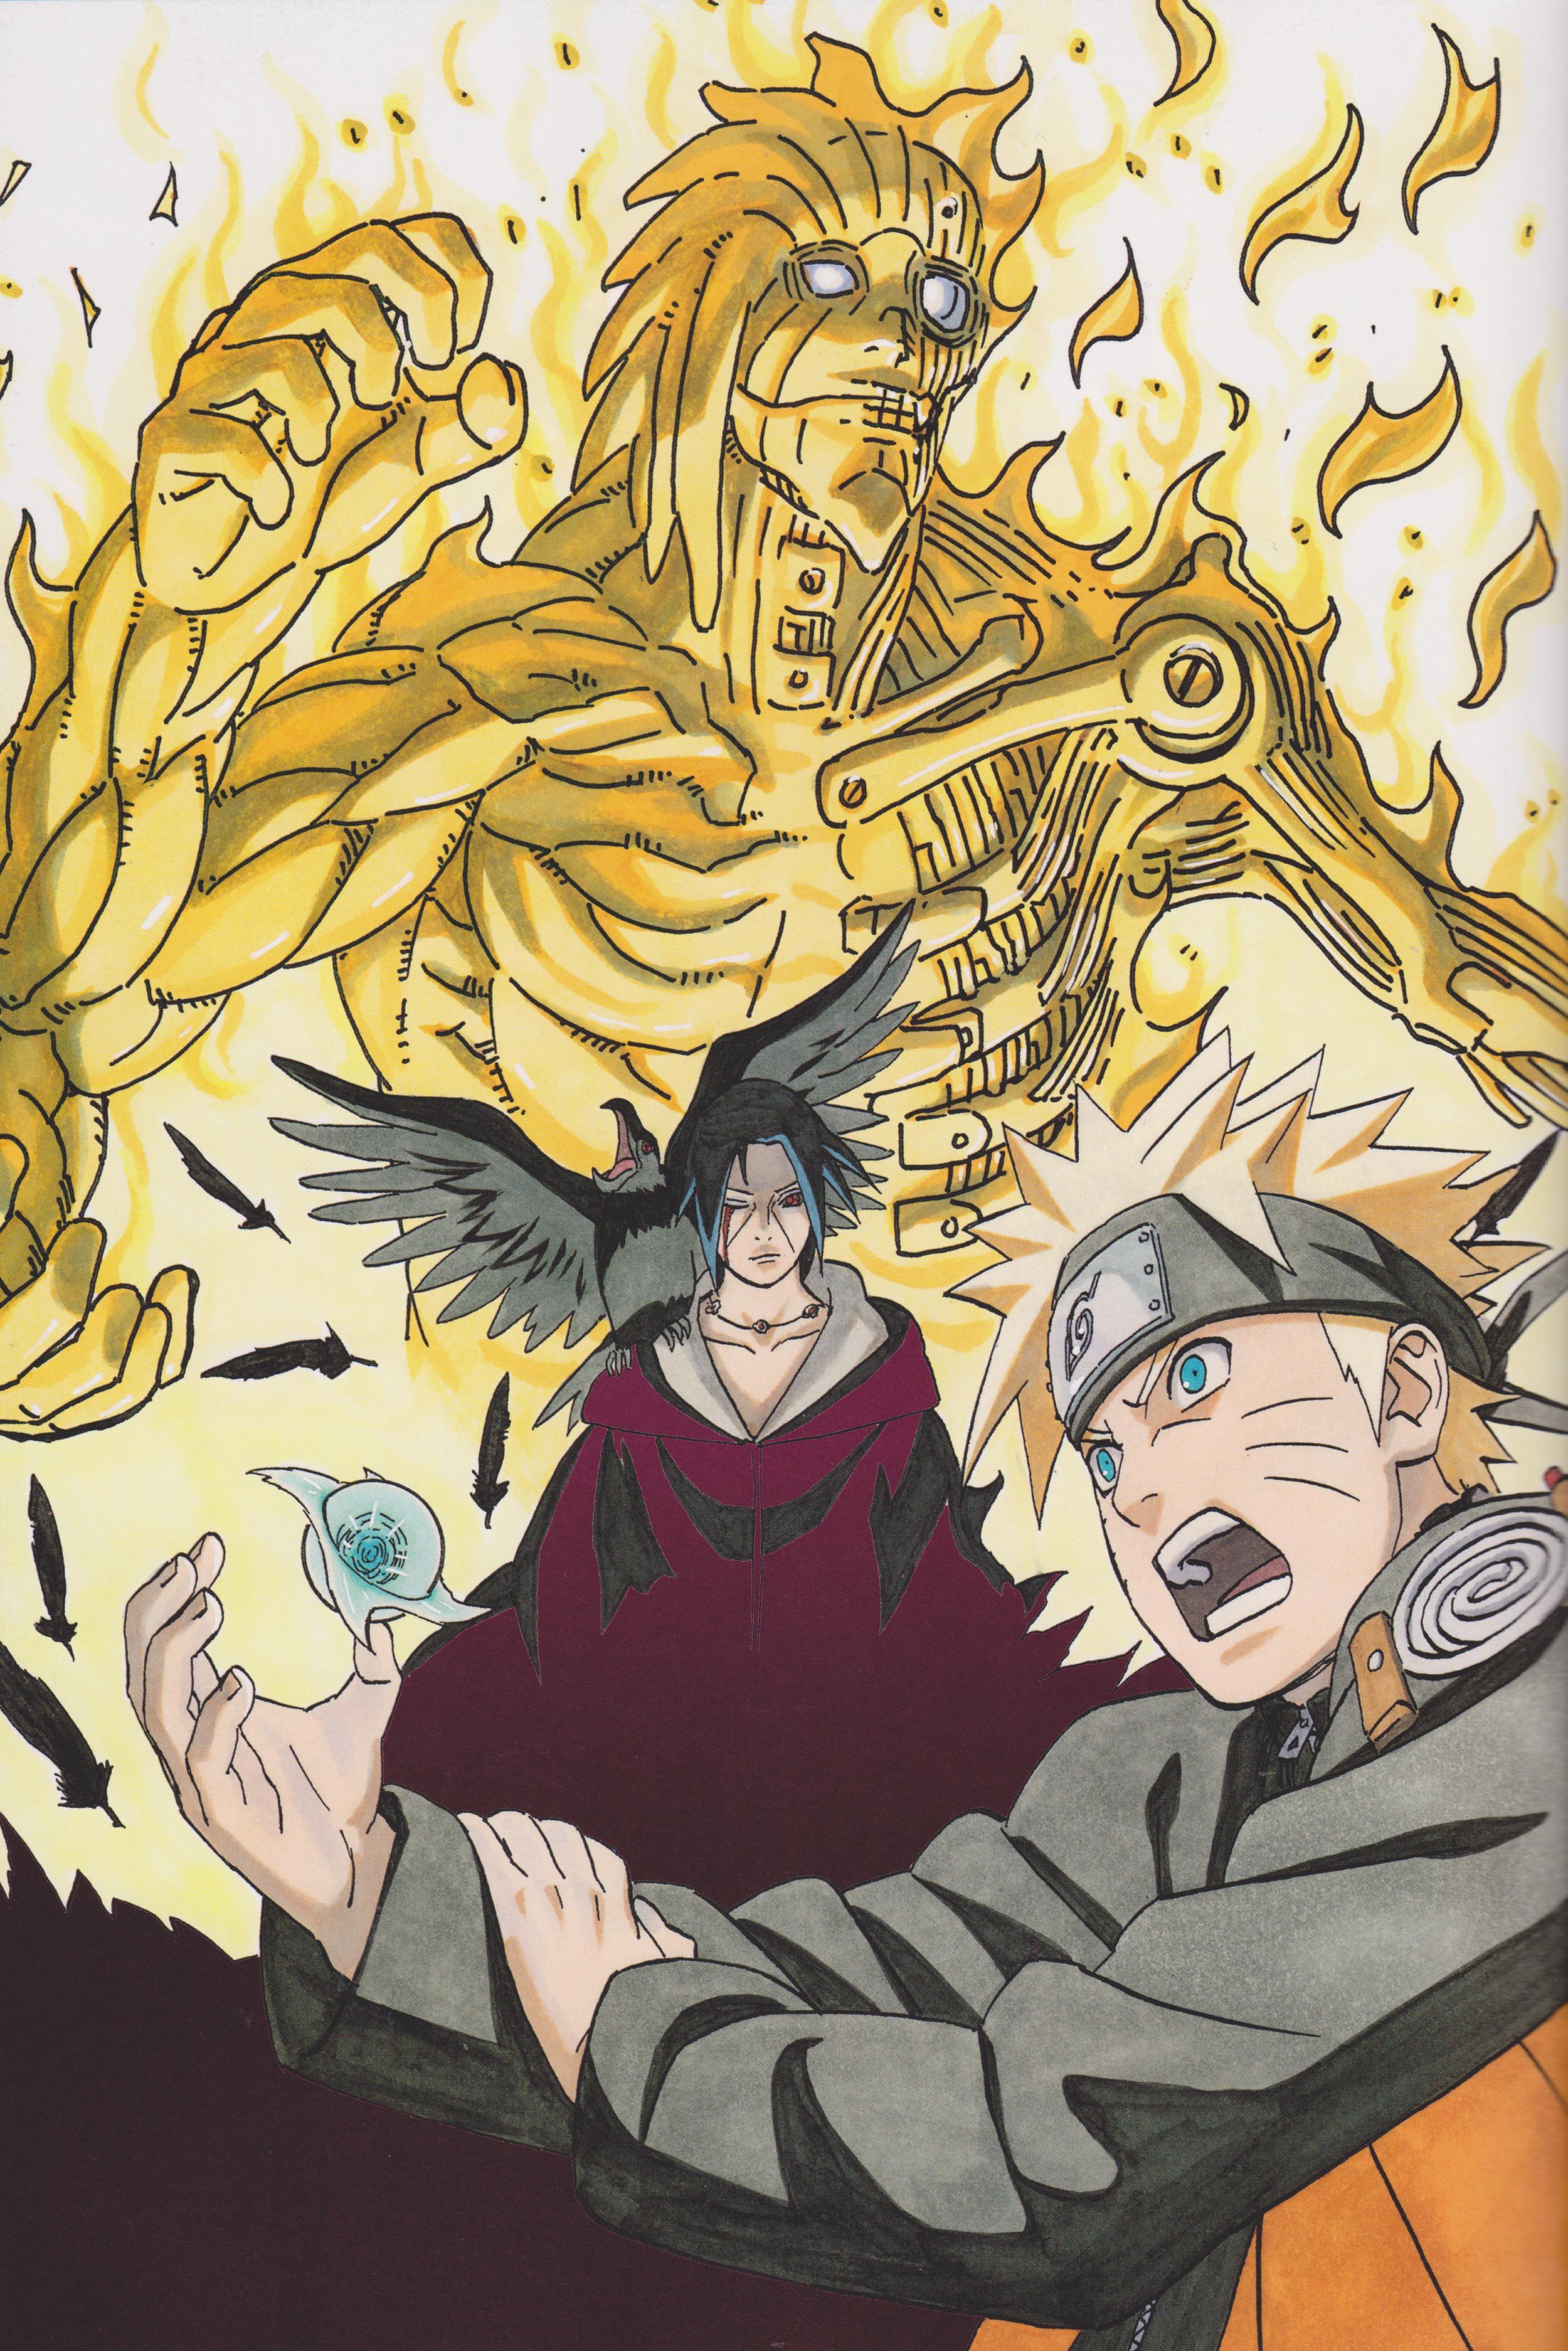 Must see Wallpaper Naruto Art - Illustration  Graphic_85948.jpg